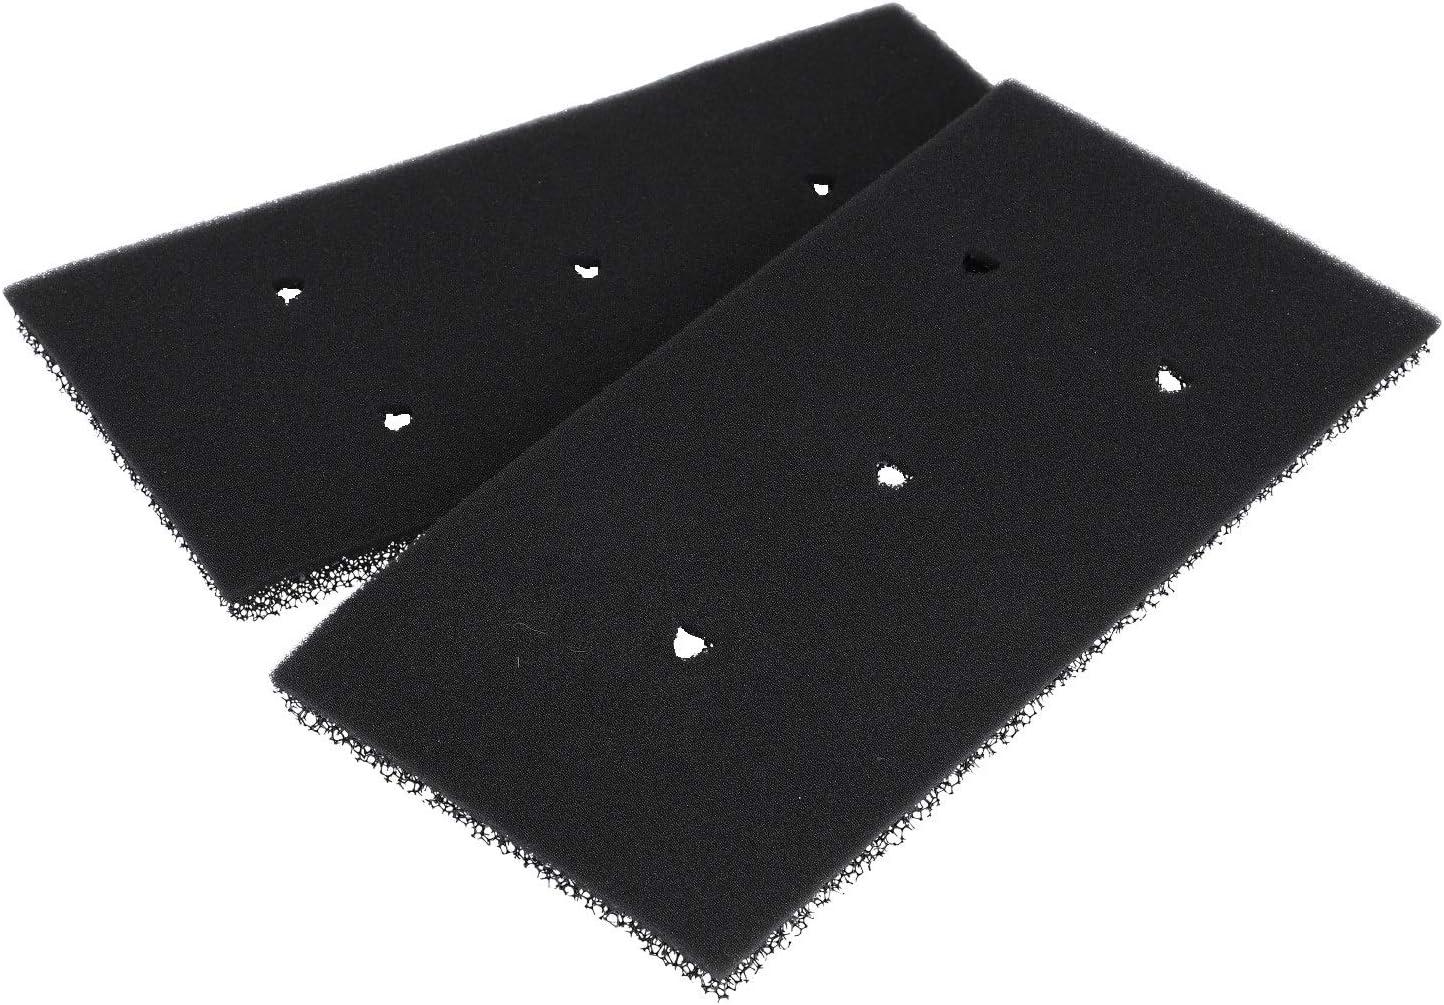 2 piezas filtro de esponja filtro de espuma para la bomba de calor secador secador whirlpool 481010716911 Indesit C00379889